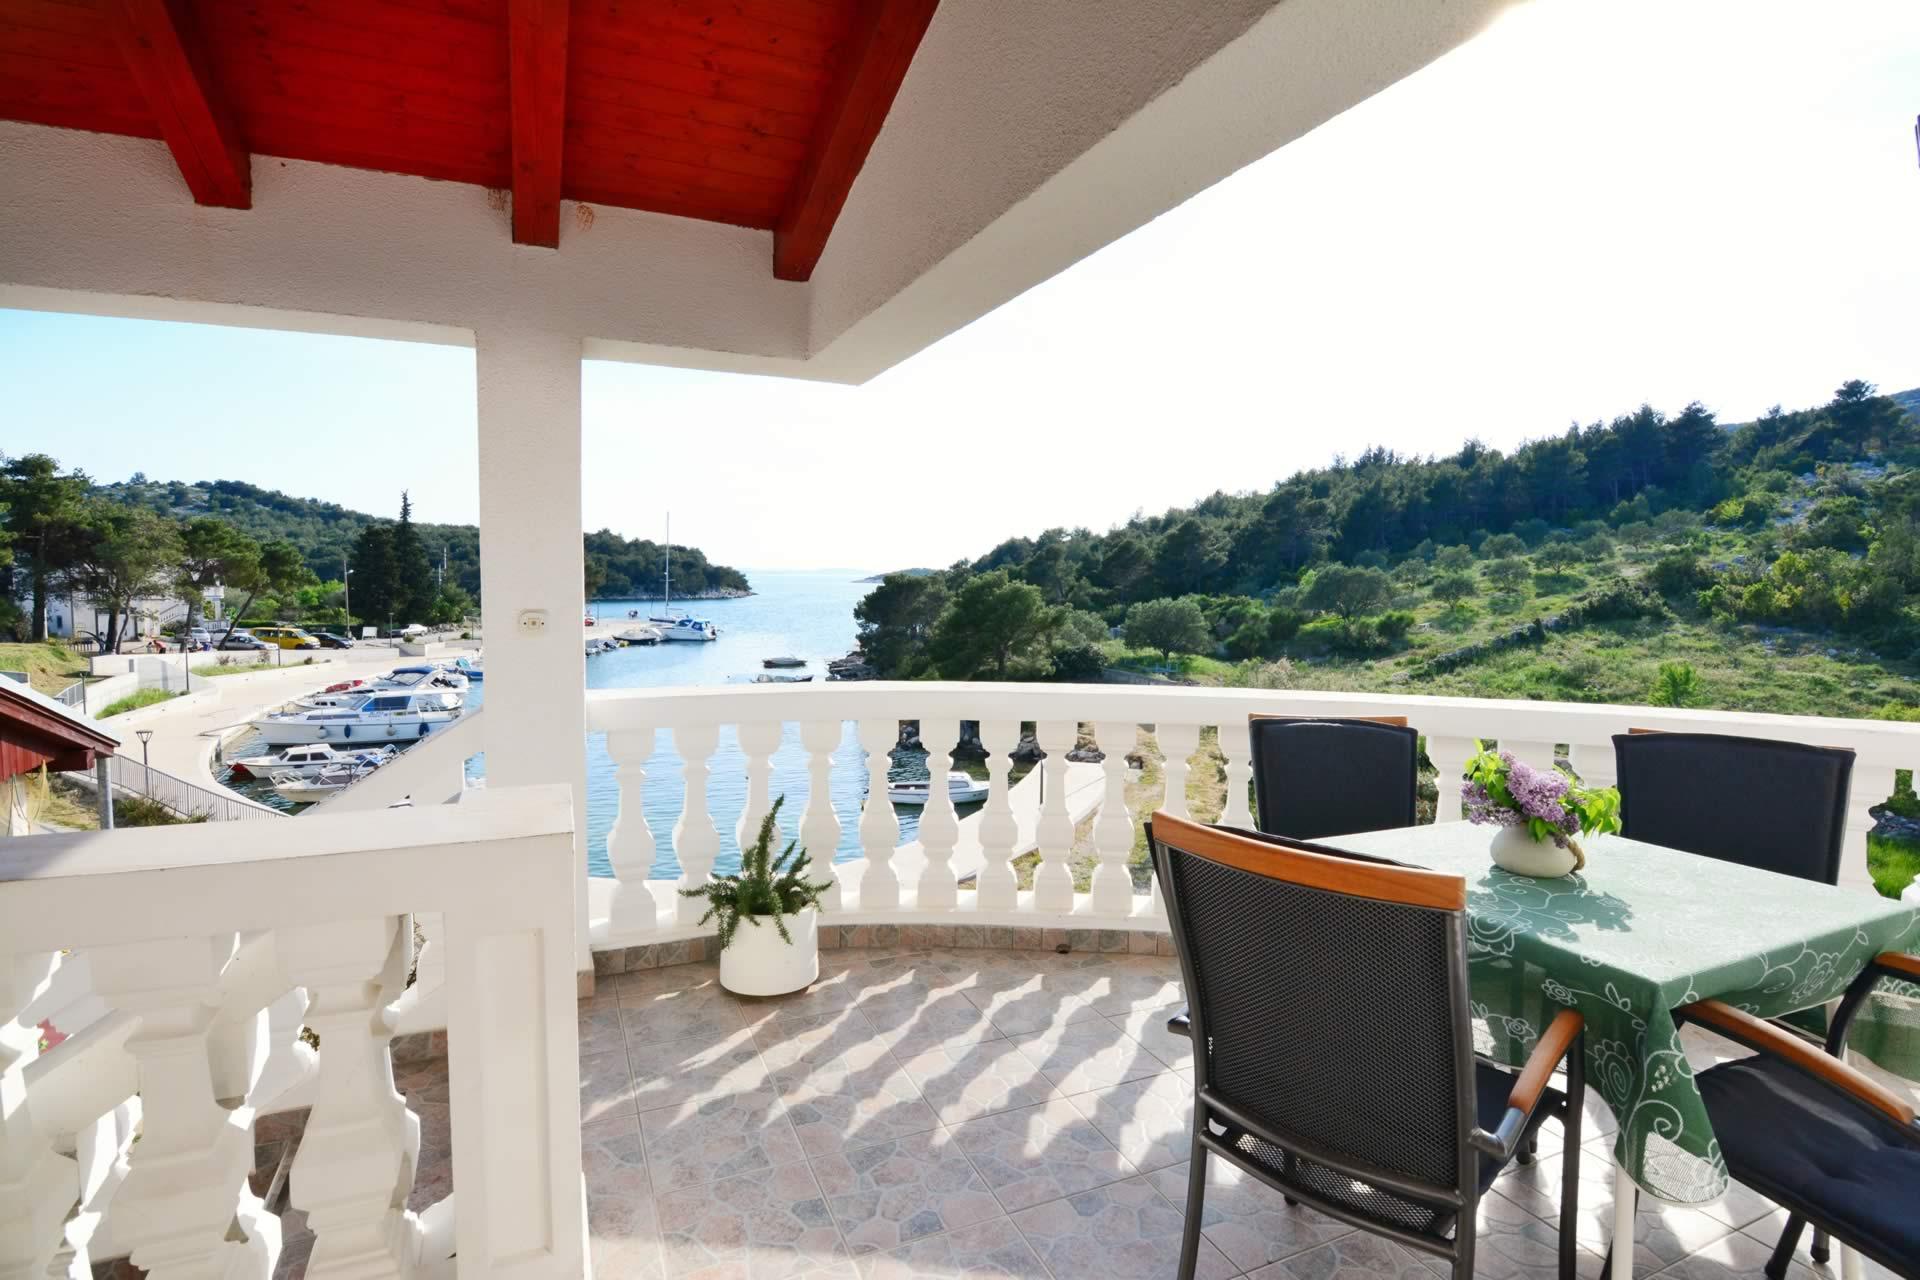 kroatien ferienwohnung mit bootsliegeplatz